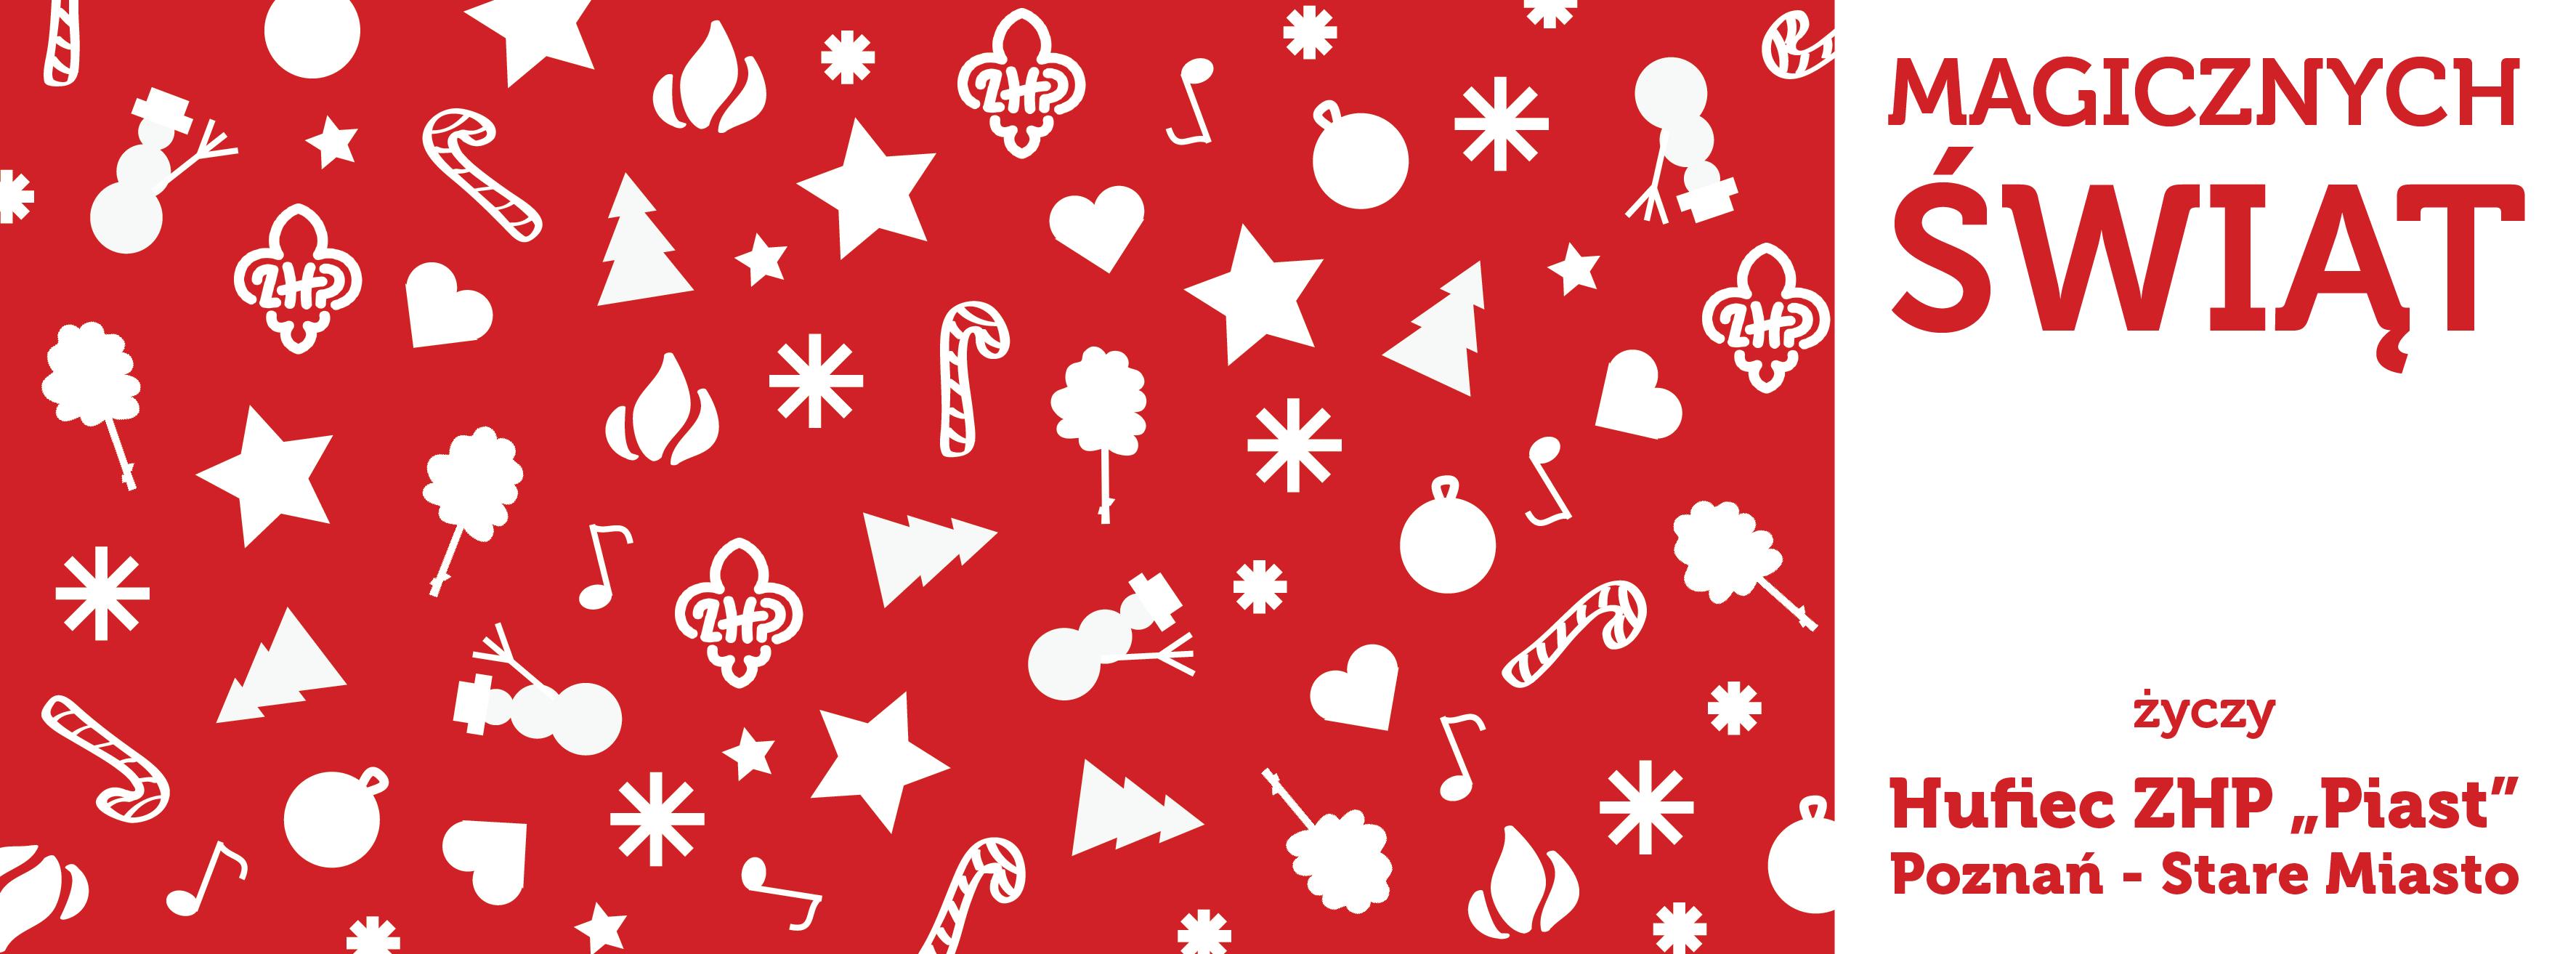 kartka świąteczna- hufiec - 2014-01